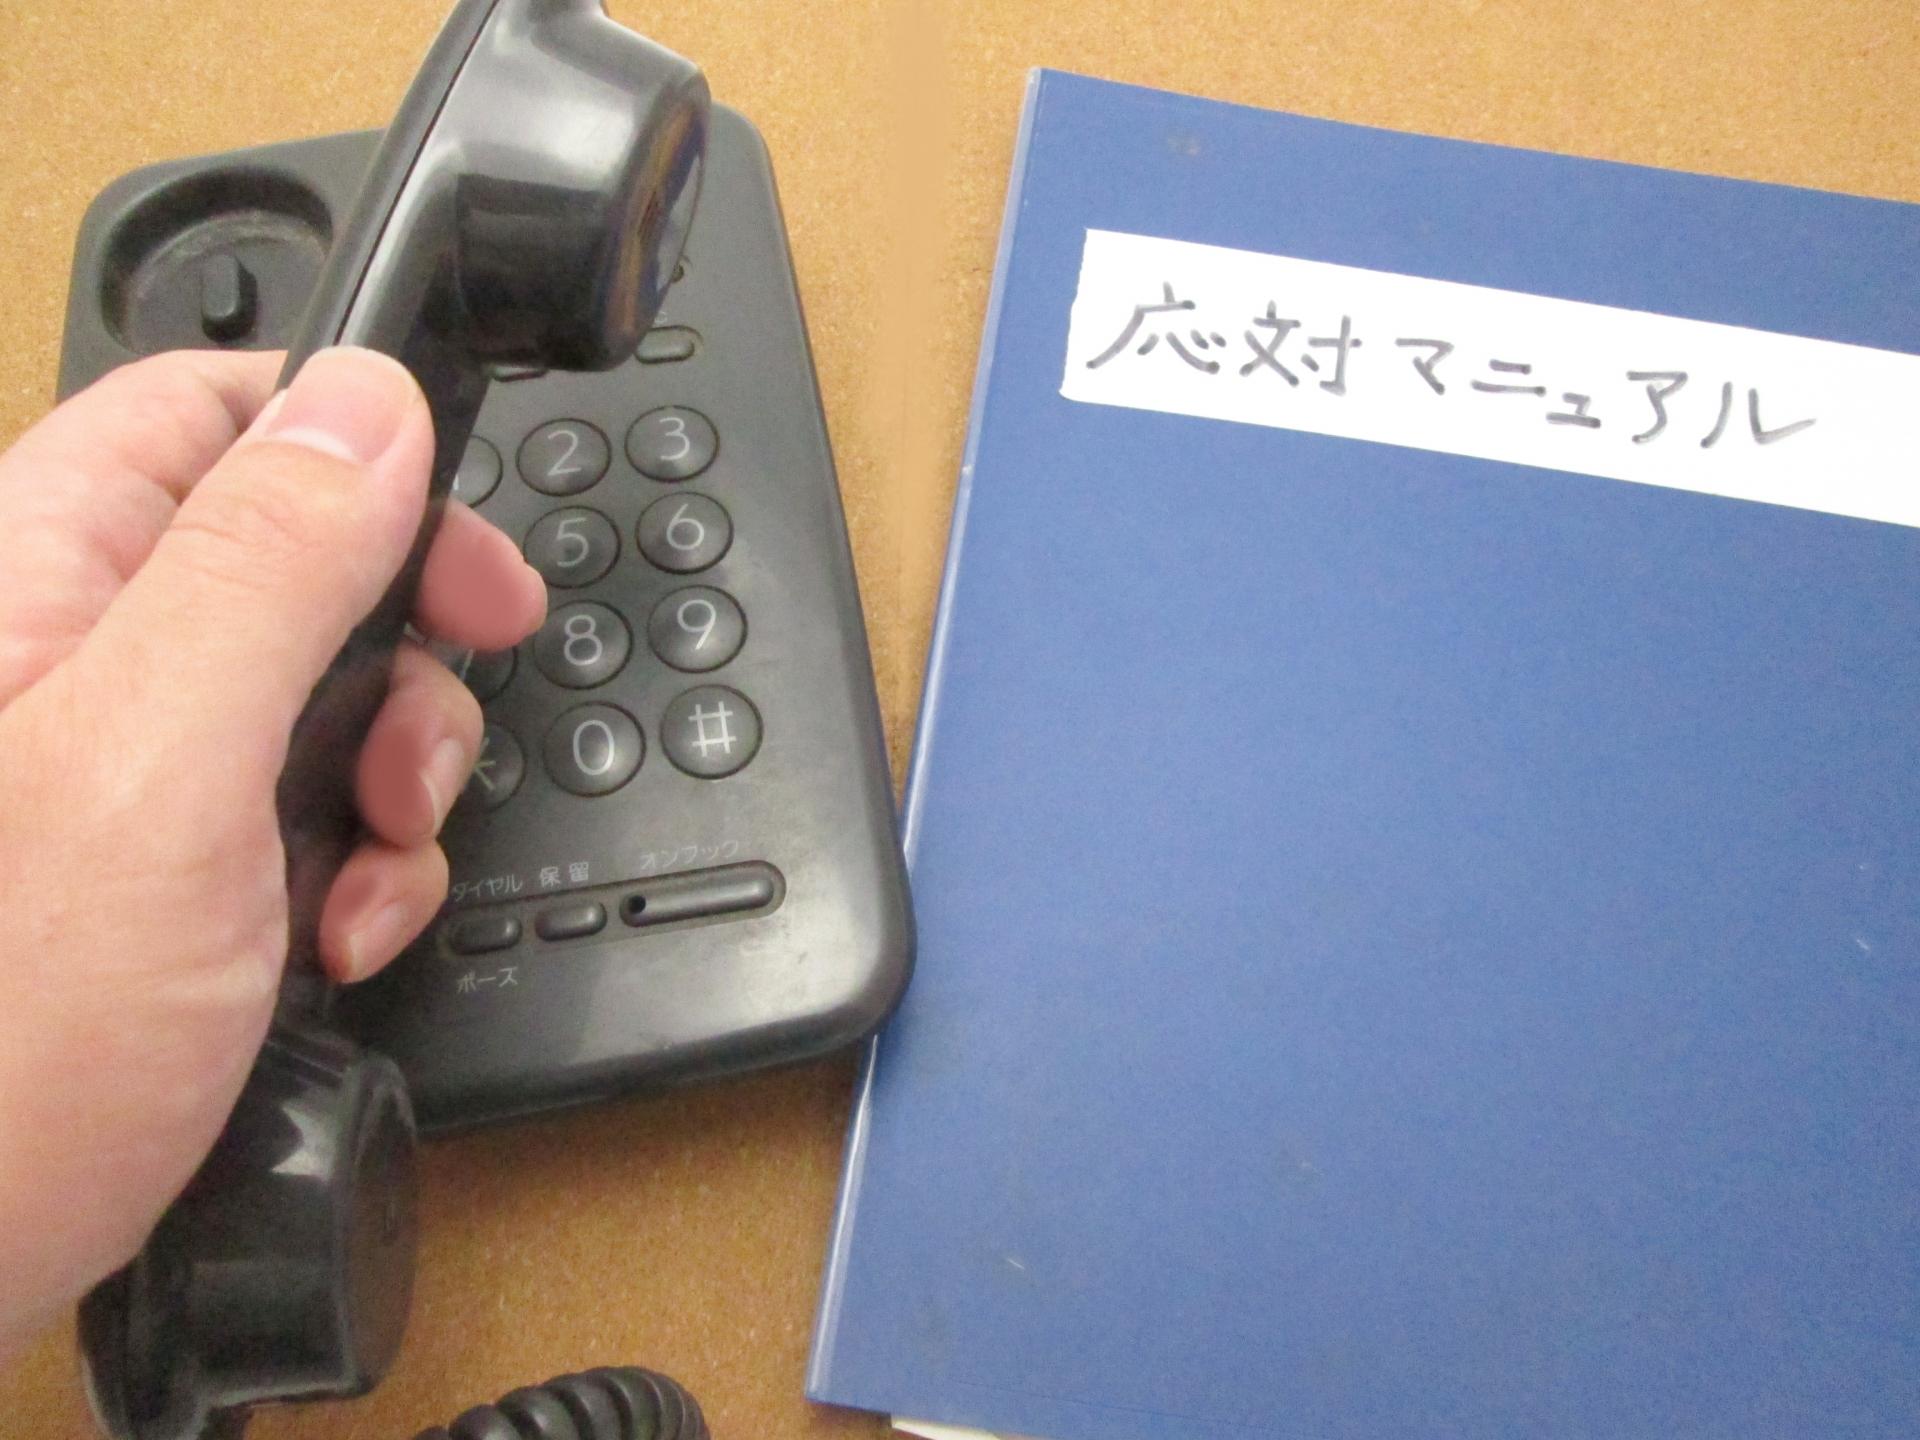 コールセンターオペレーション業界ならではの、就業中の不満、大変さ、辛さと悩み